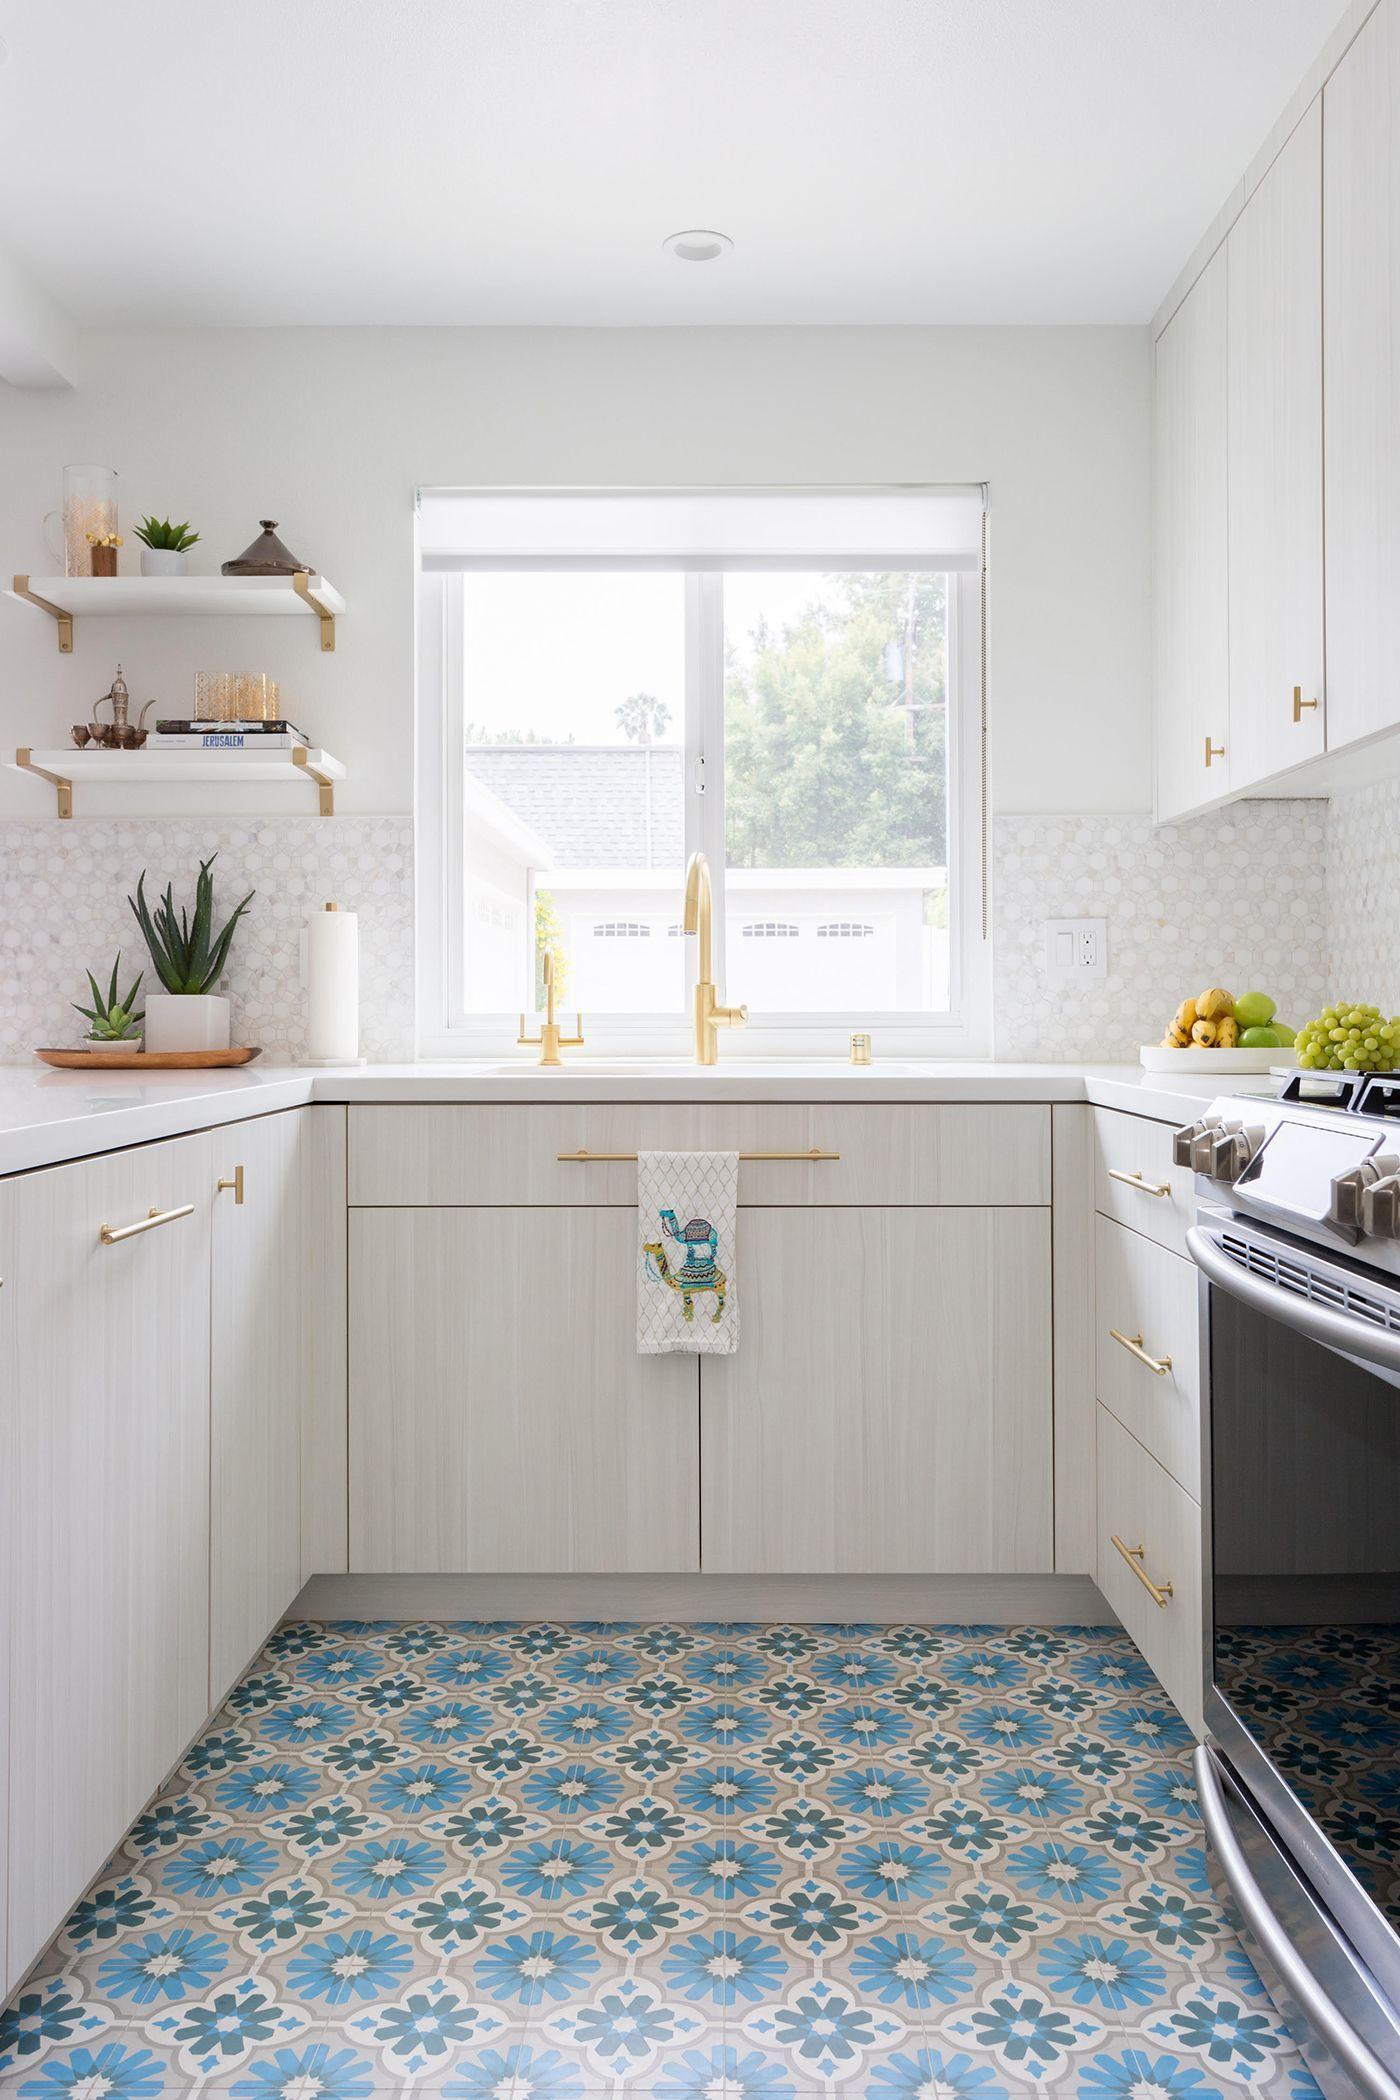 Pin de Soledad Gonzalez en cocinas pequeñas | Pinterest | Muebles ...